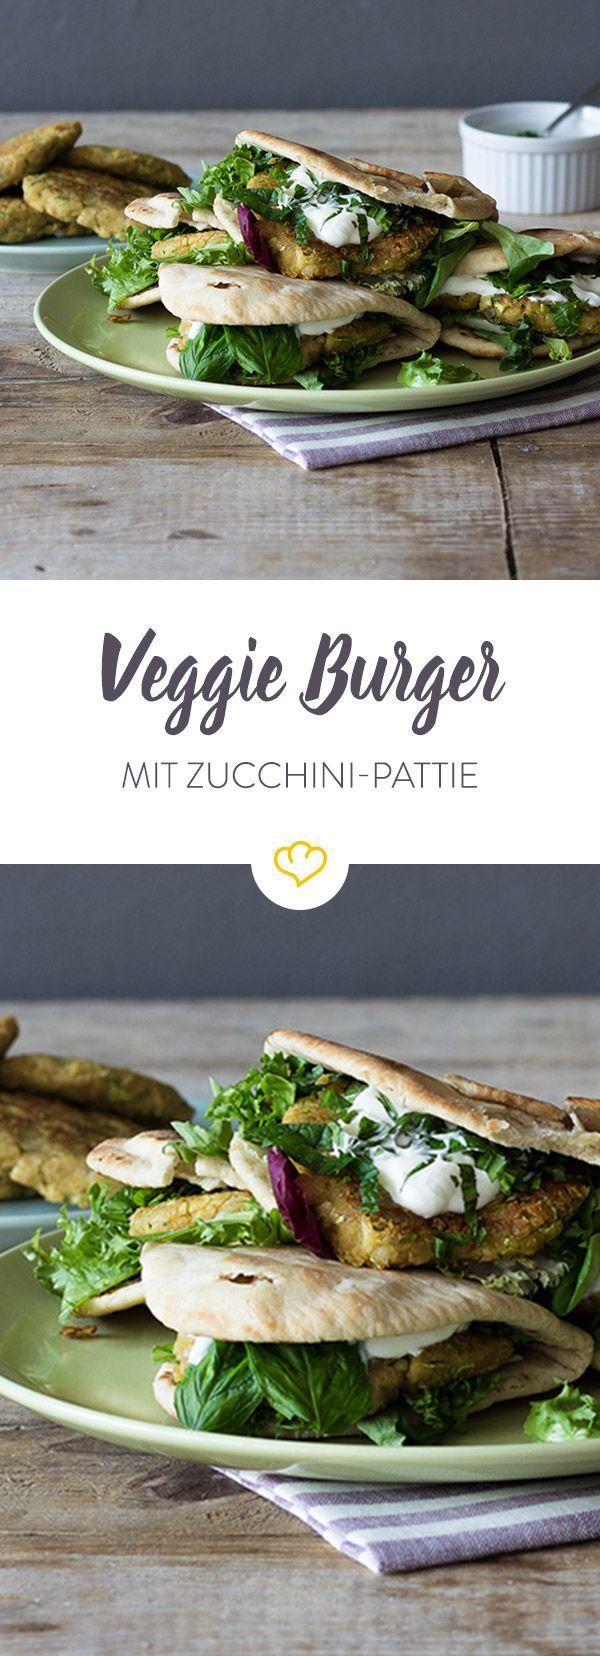 Zucchini burger in flatbread   - Go Veggie! - Vegetarische Rezepte -